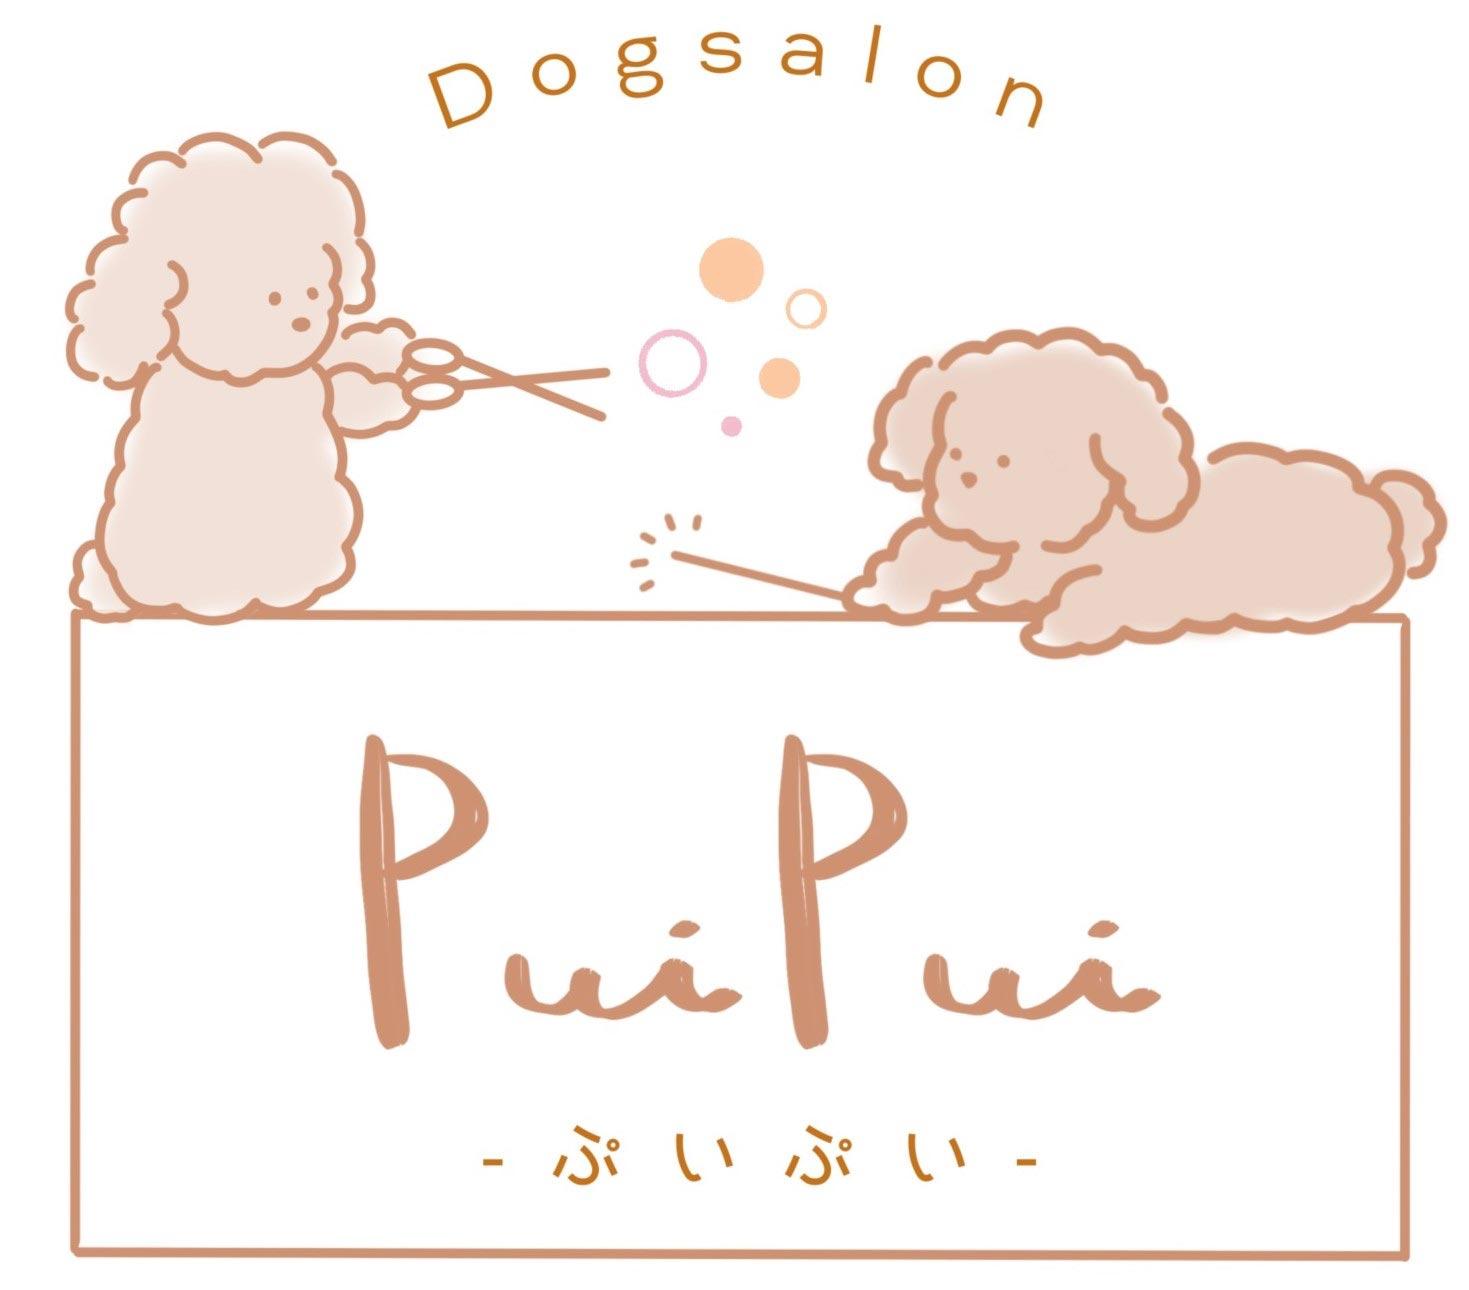 Dogsalon PuiPui -ぷいぷい-